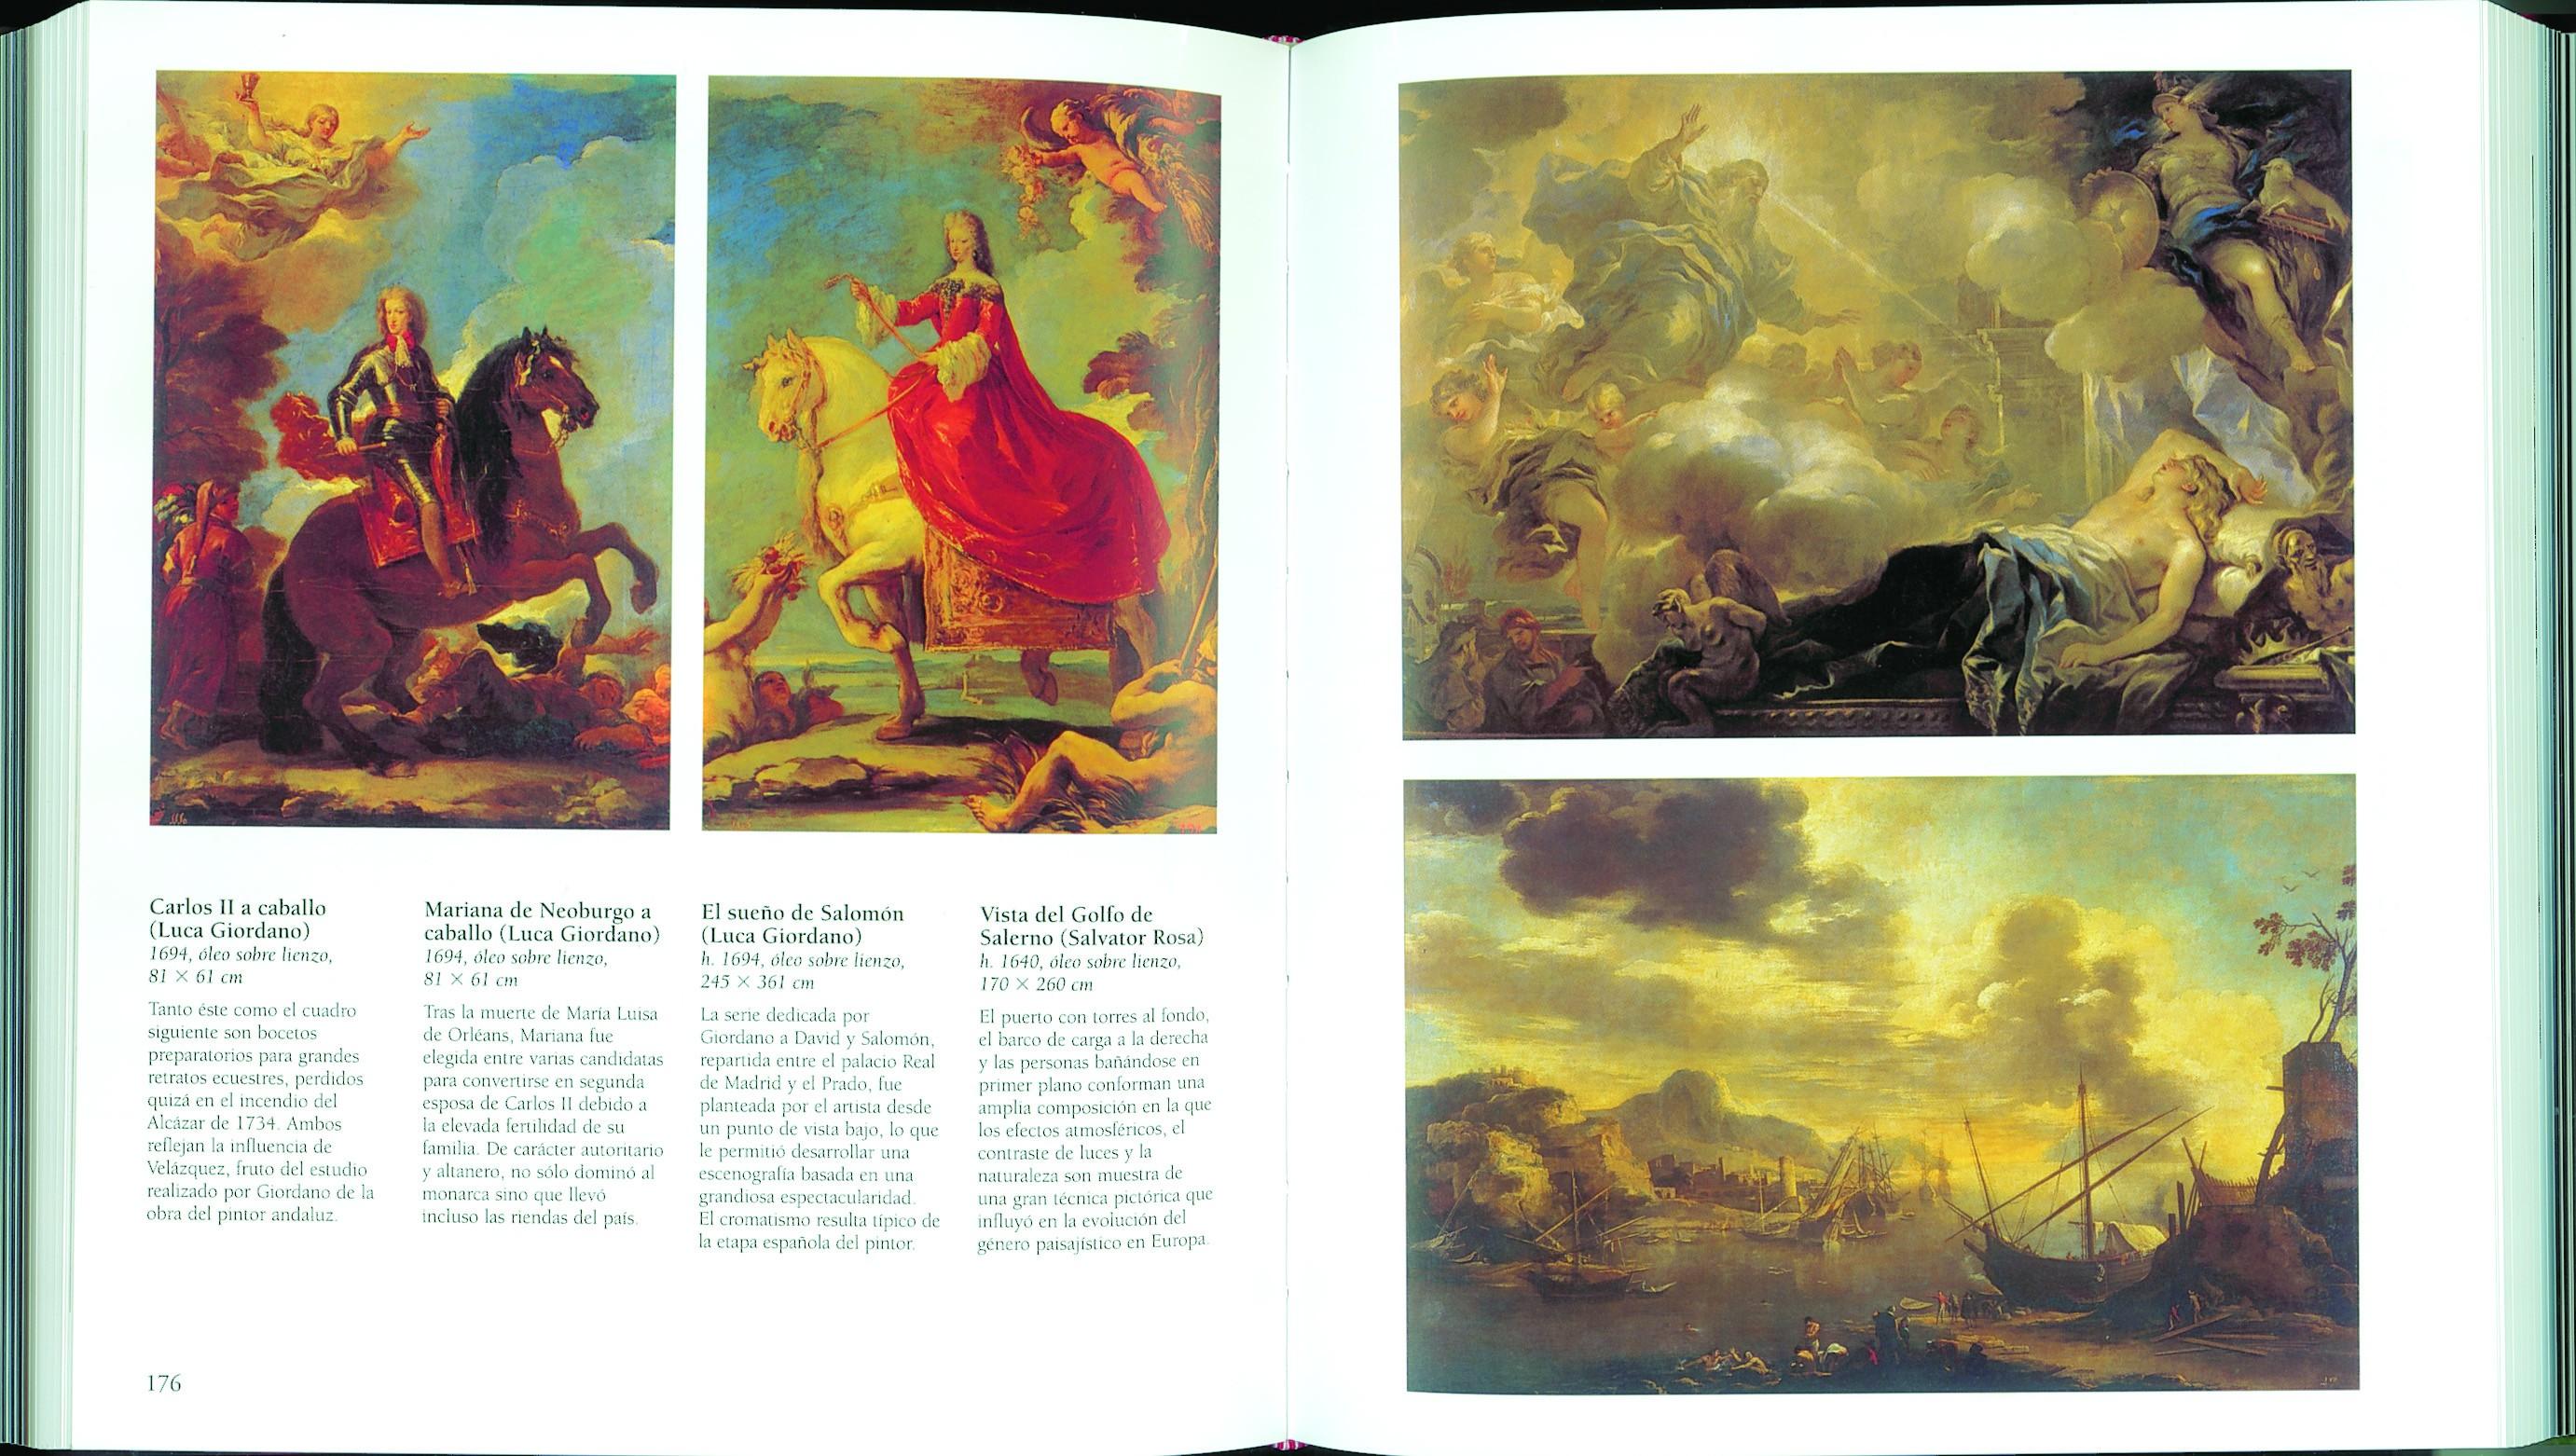 El Museo del Prado | Editorial Susaeta - Venta de libros